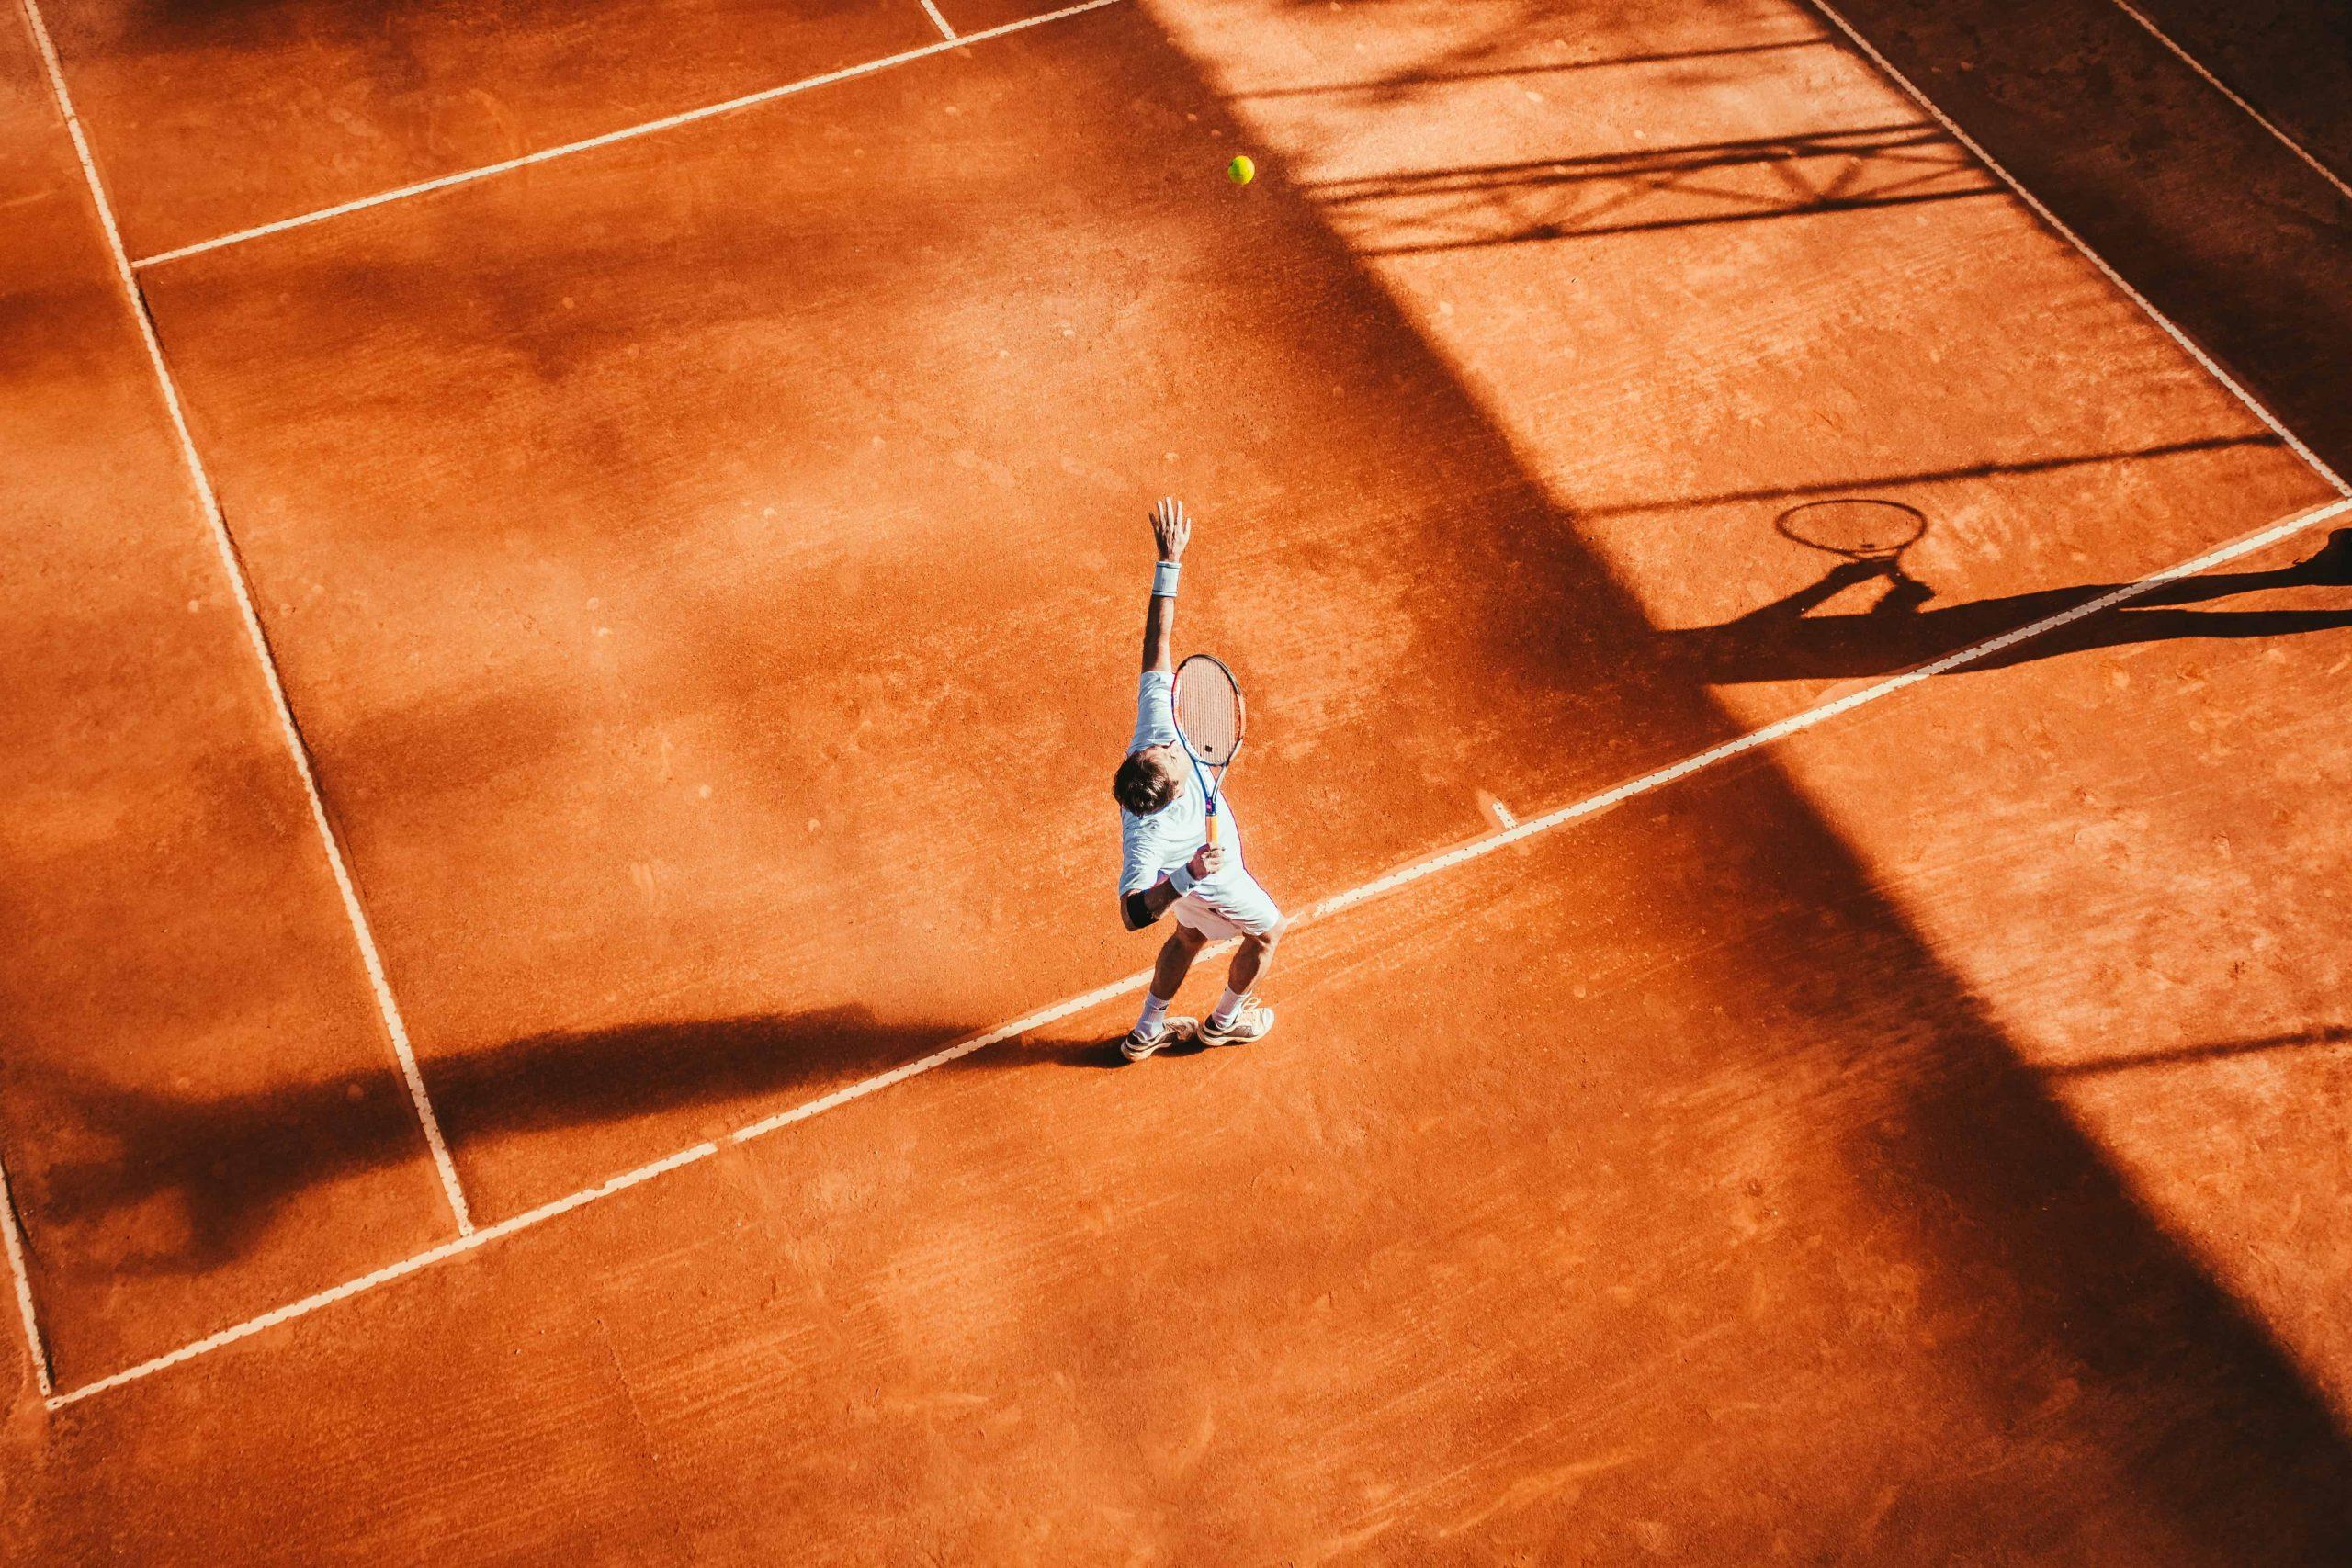 Tennisschläger: Test & Empfehlungen (04/21)